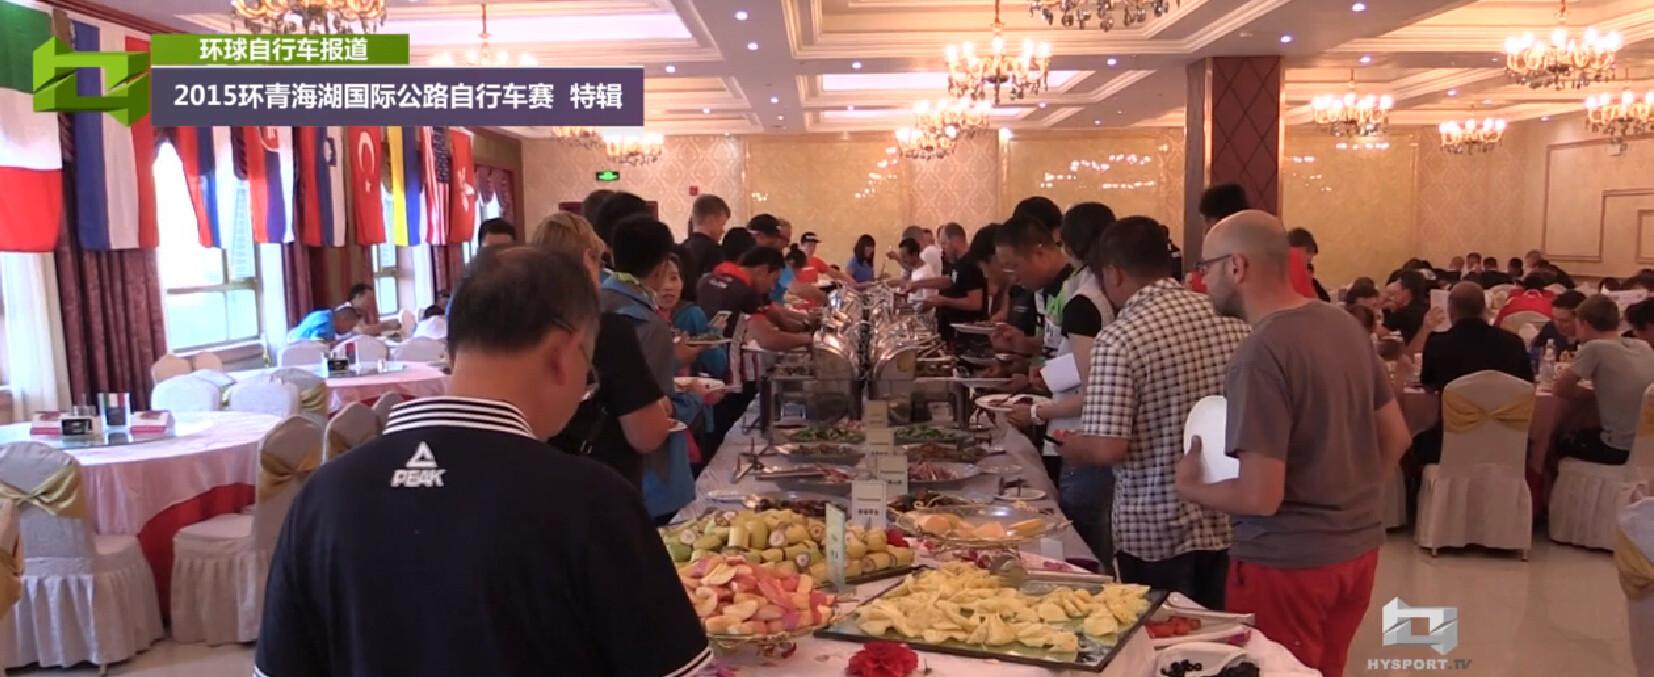 2015环青海湖国际公路自行车赛:西餐篇